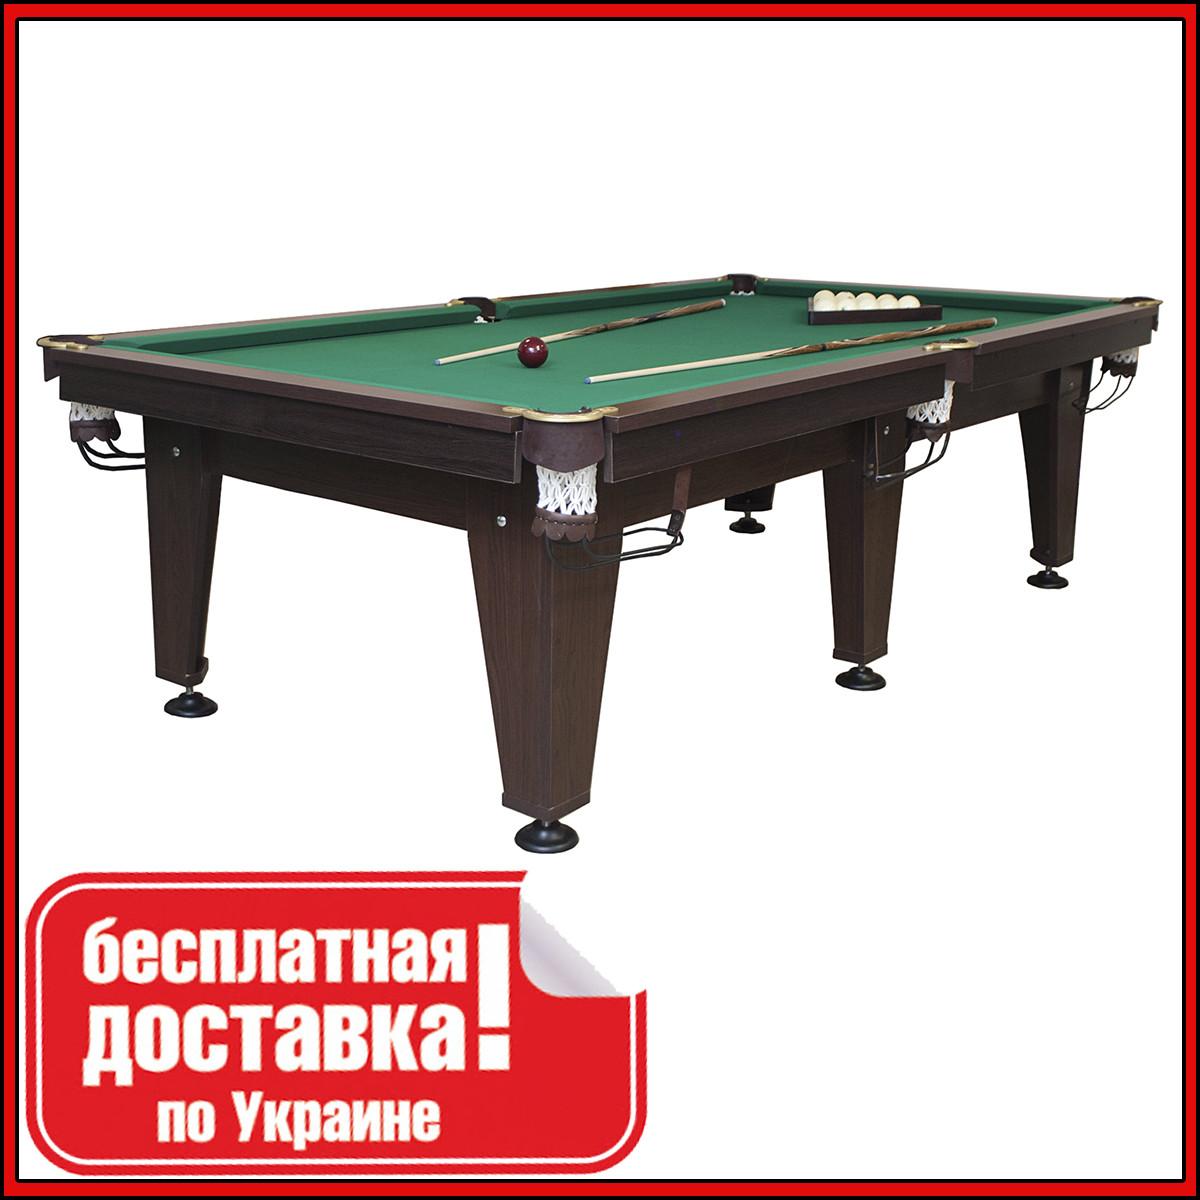 Бильярдный стол для пула ОСКАР 10 футов ЛДСП 2.8 м х 1.4 м из натурального дерева